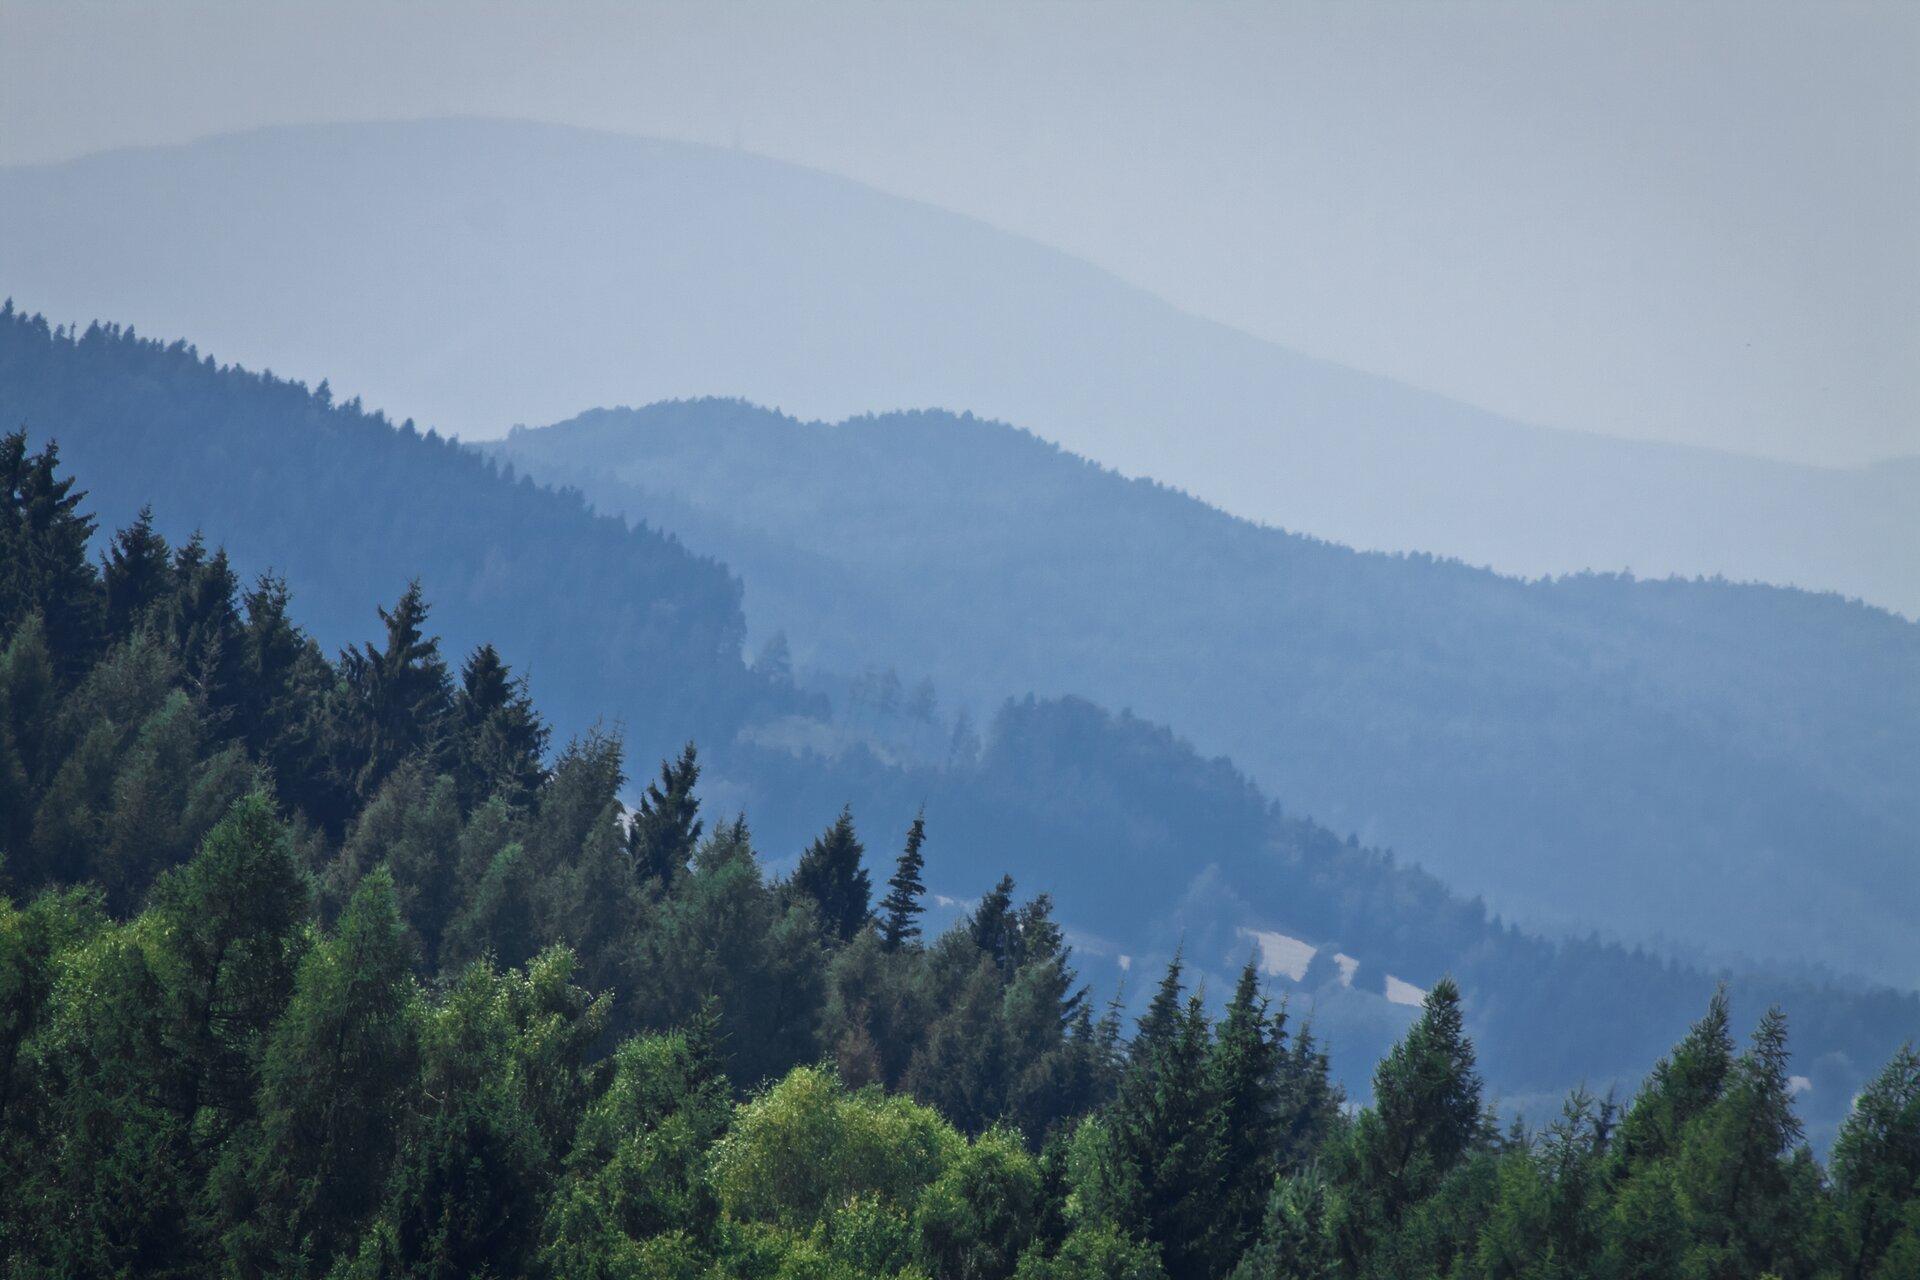 Krajobraz wysokogórski Źródło: Małgorzata Skibińska, Contentplus.pl sp. zo.o., licencja: CC BY 3.0.